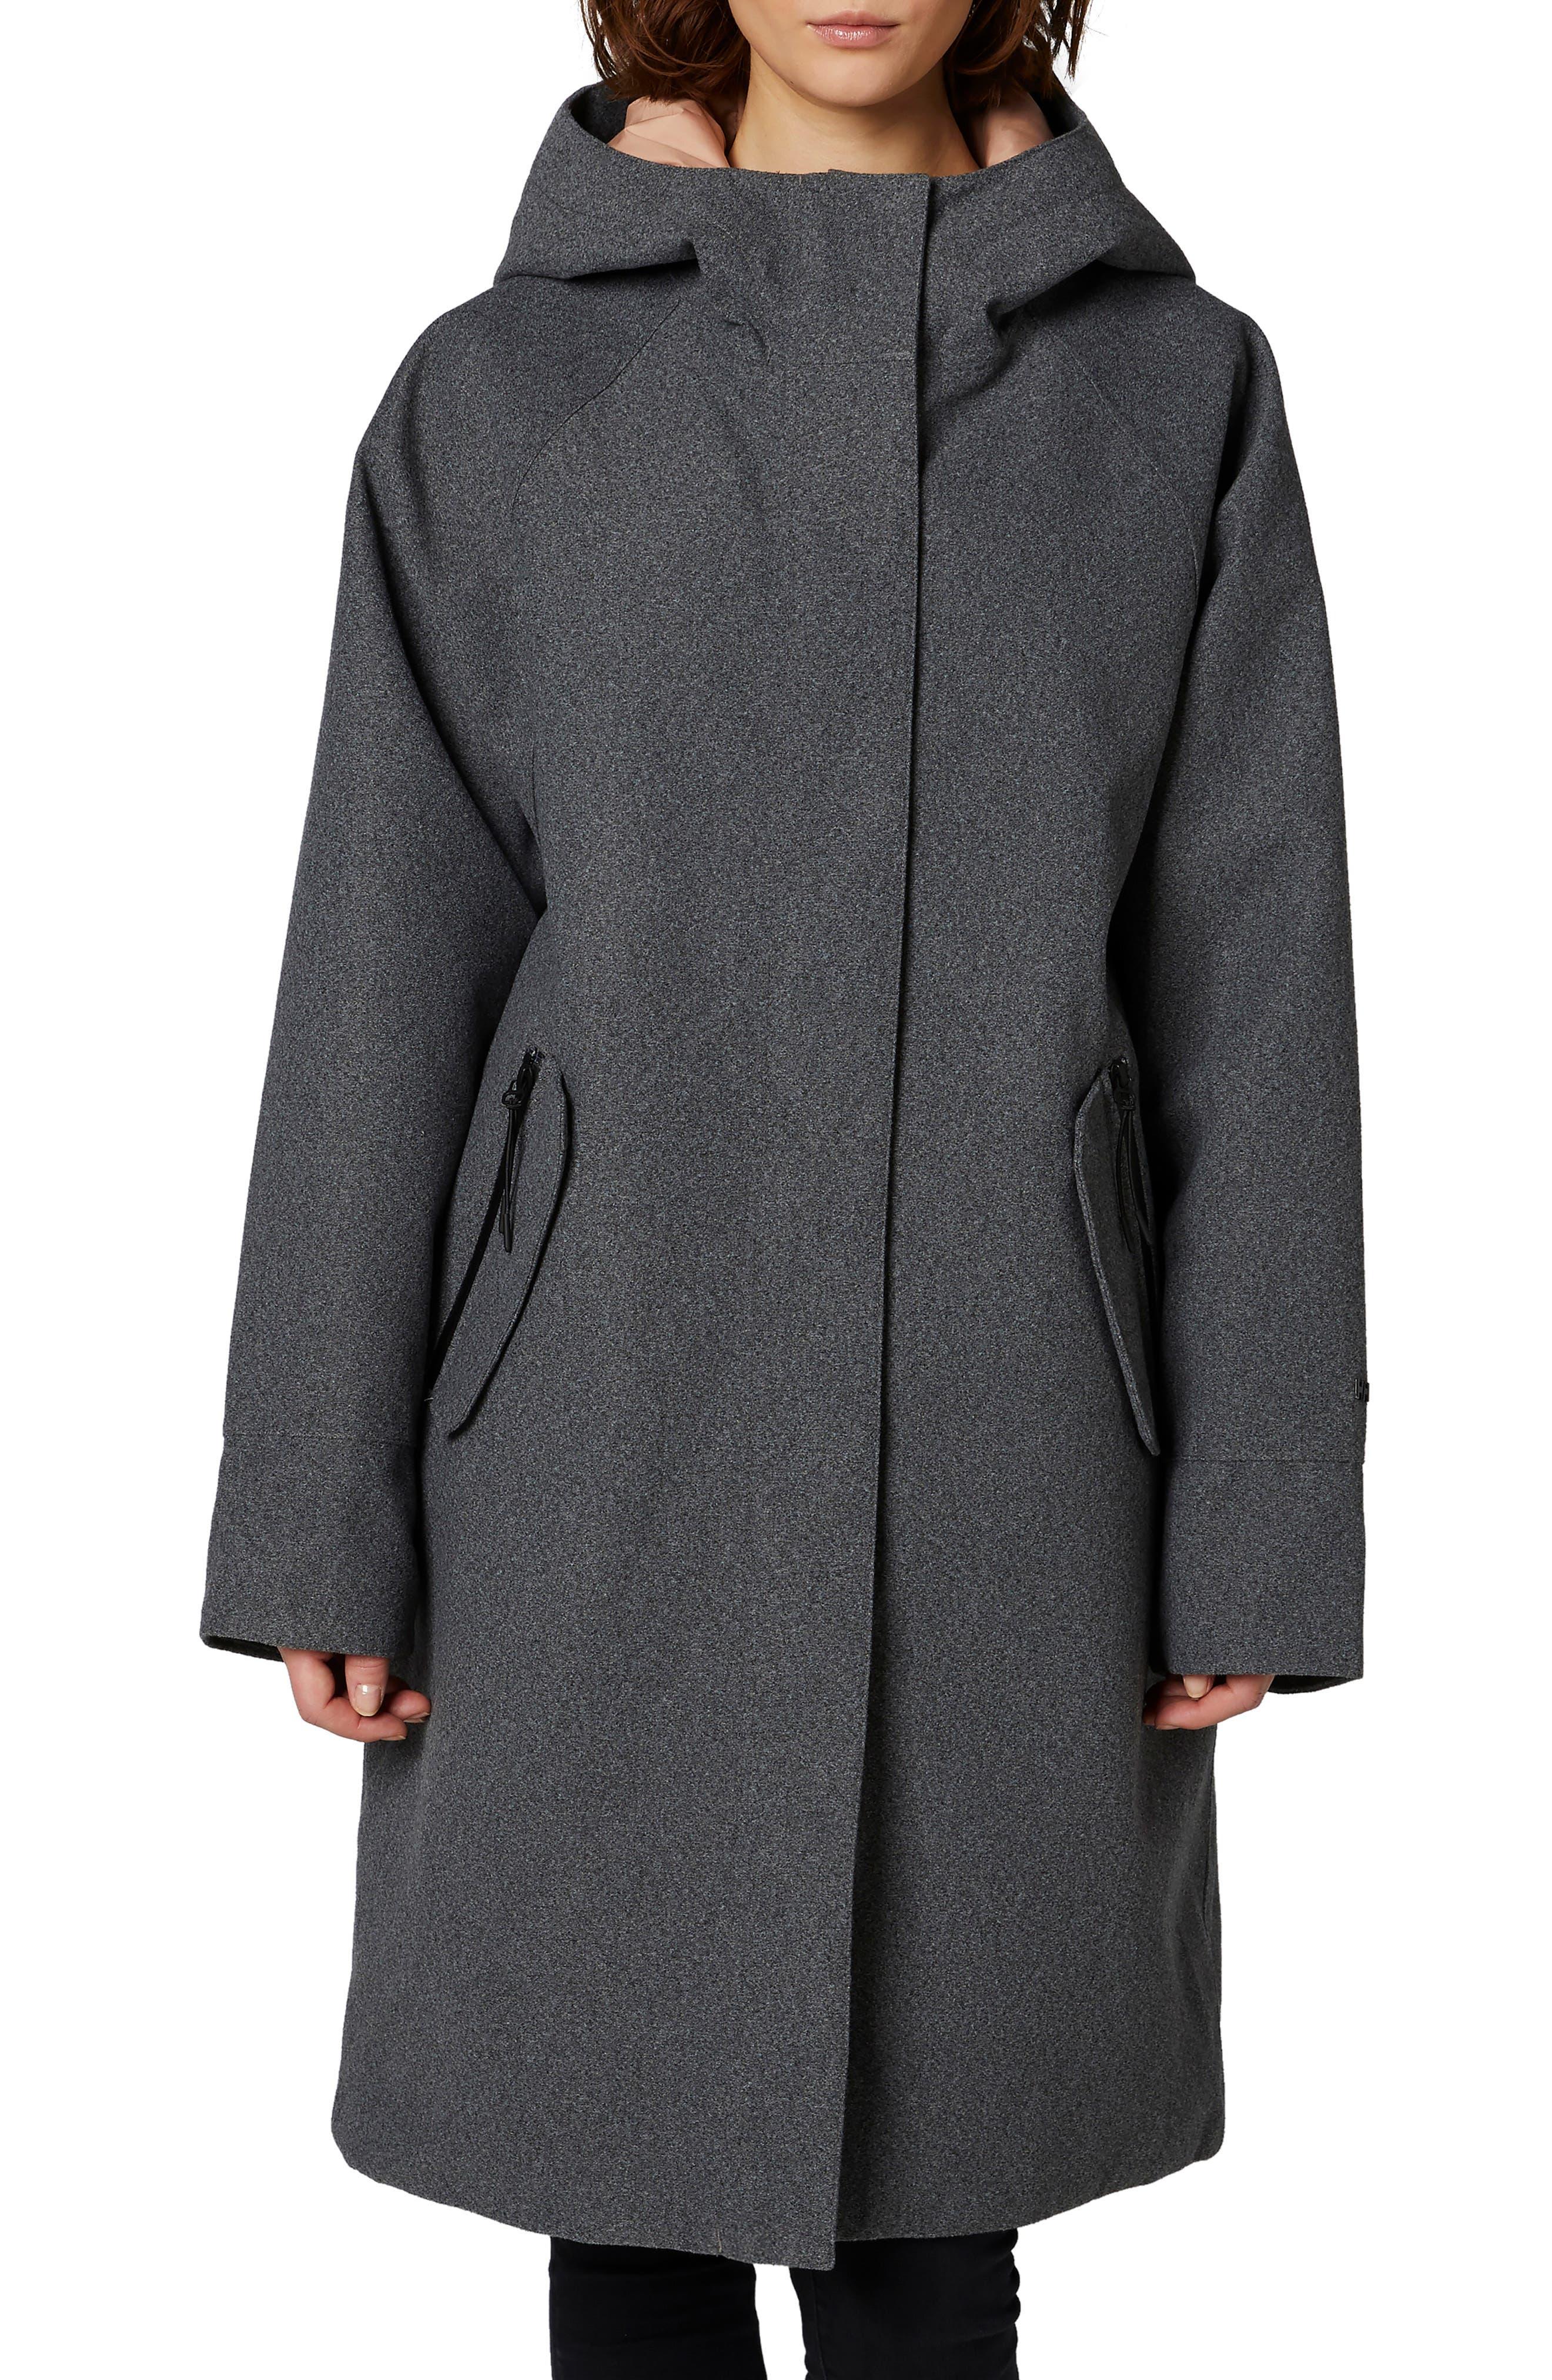 Helly Hansen Waterproof & Windproof Beloved Coat